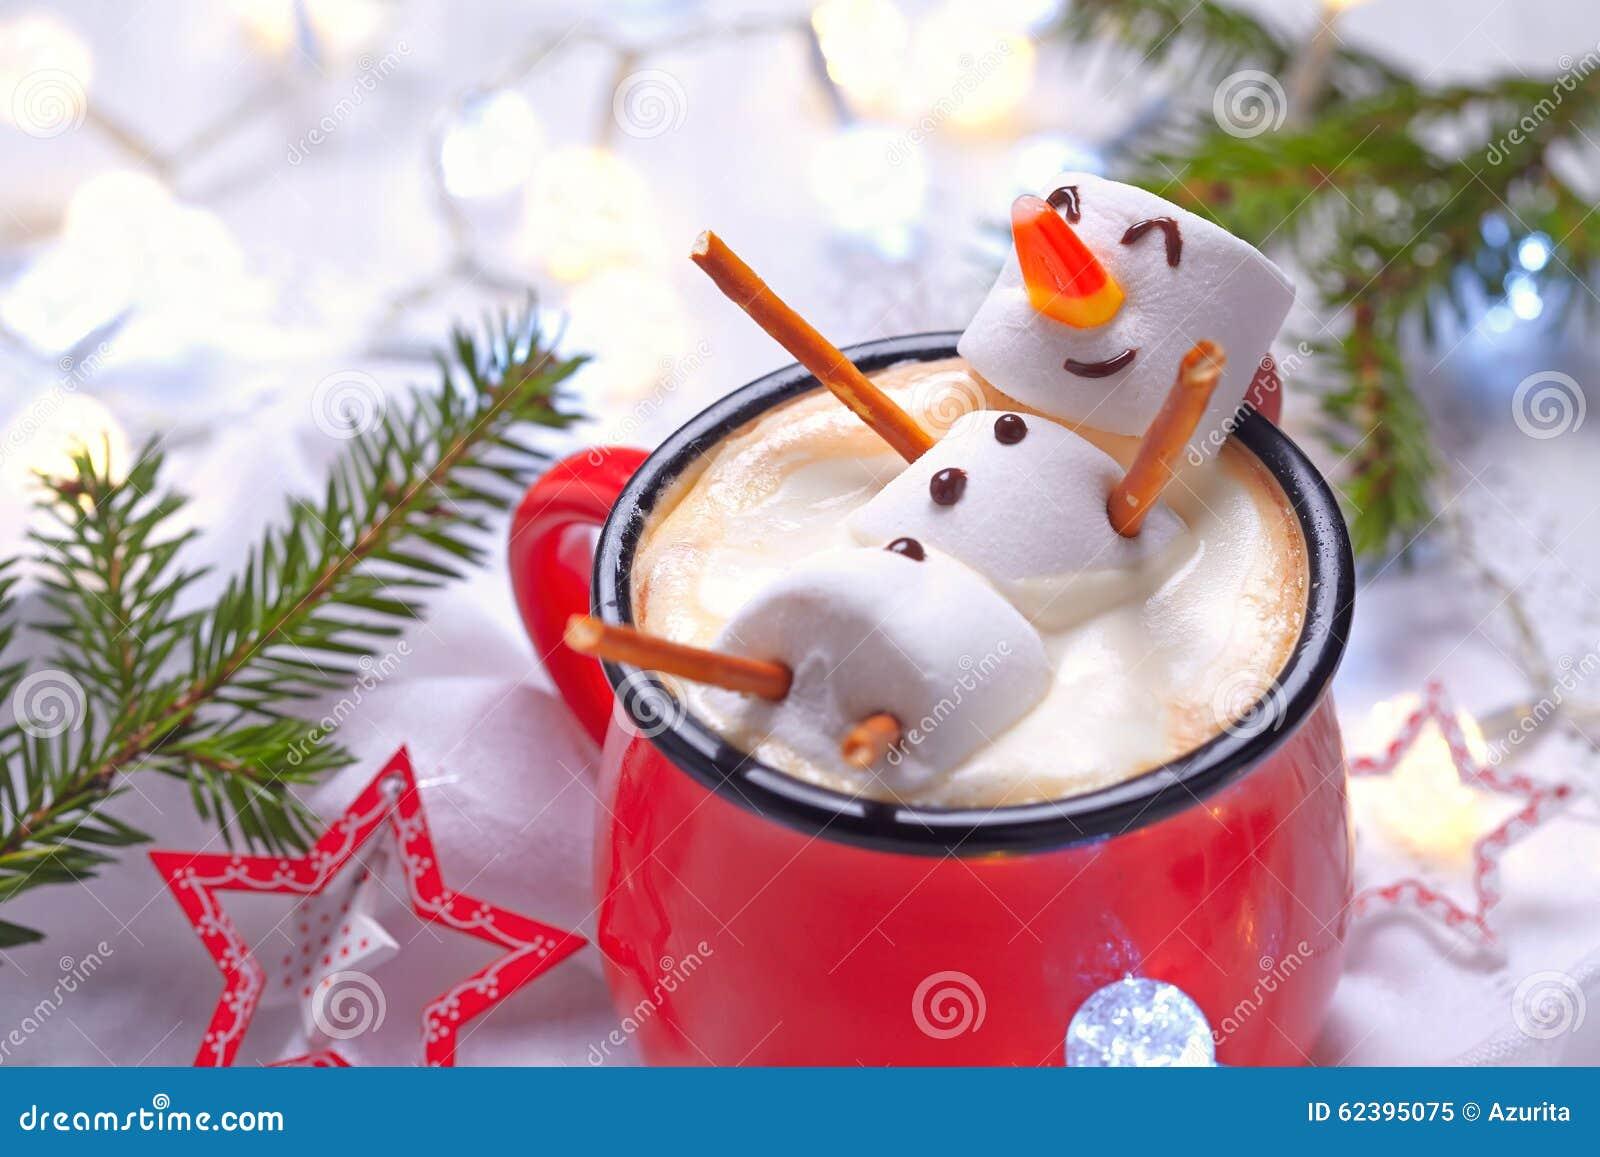 Καυτή σοκολάτα με το λειωμένο χιονάνθρωπο